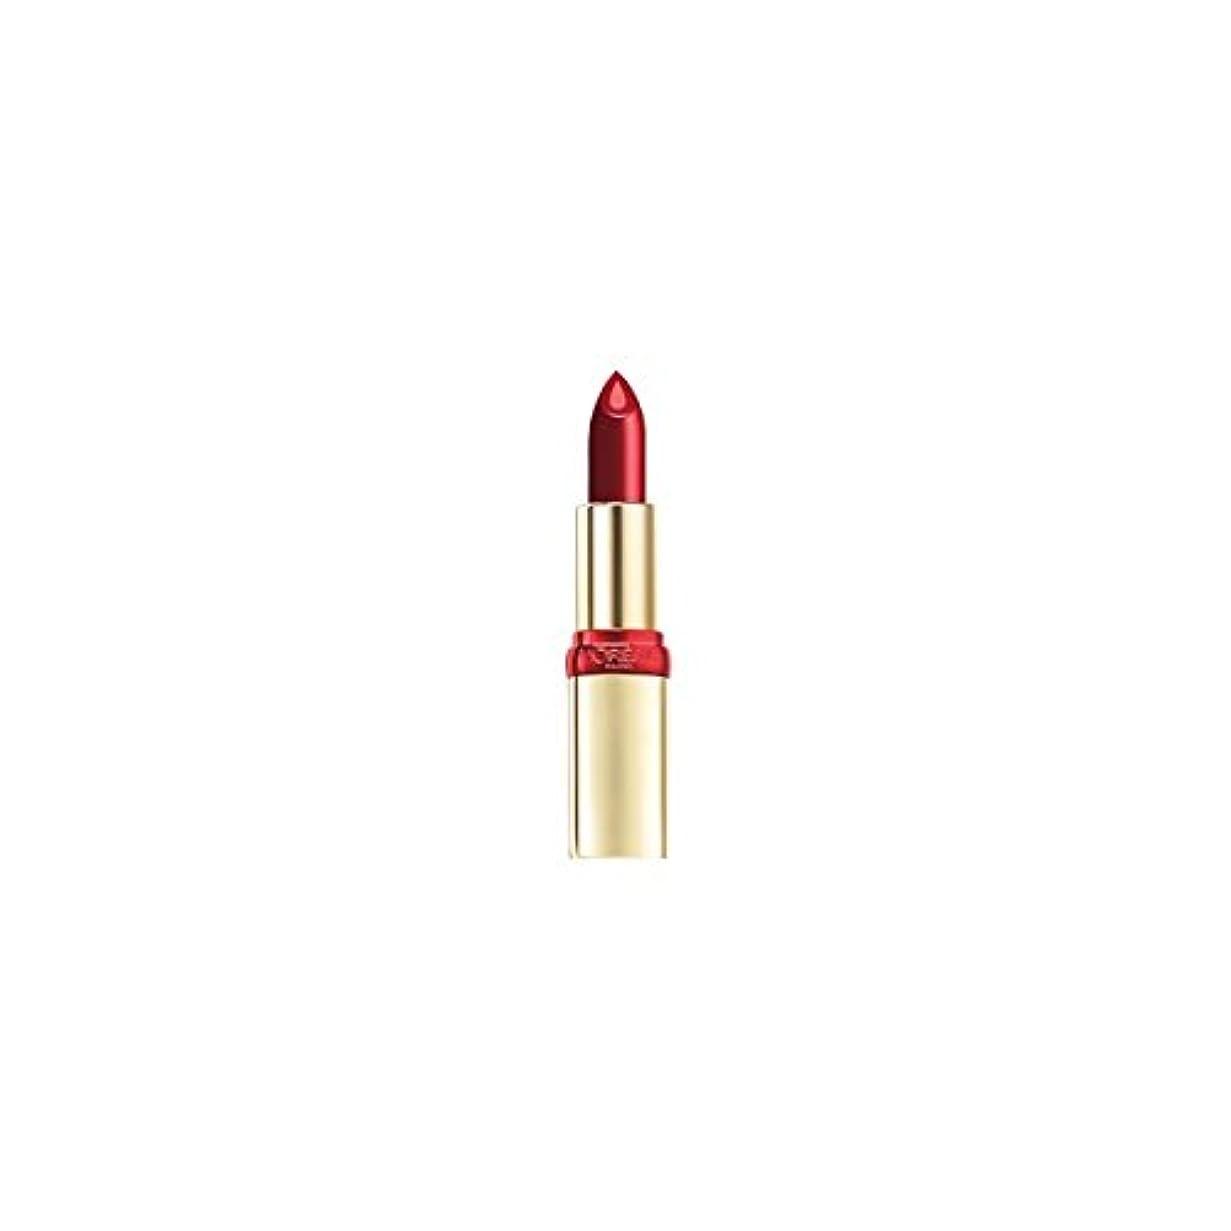 芸術やさしく機動L' OREAL Rouge à Lévres Color Riche Sérum Anti Age 503 Bright Burgundy